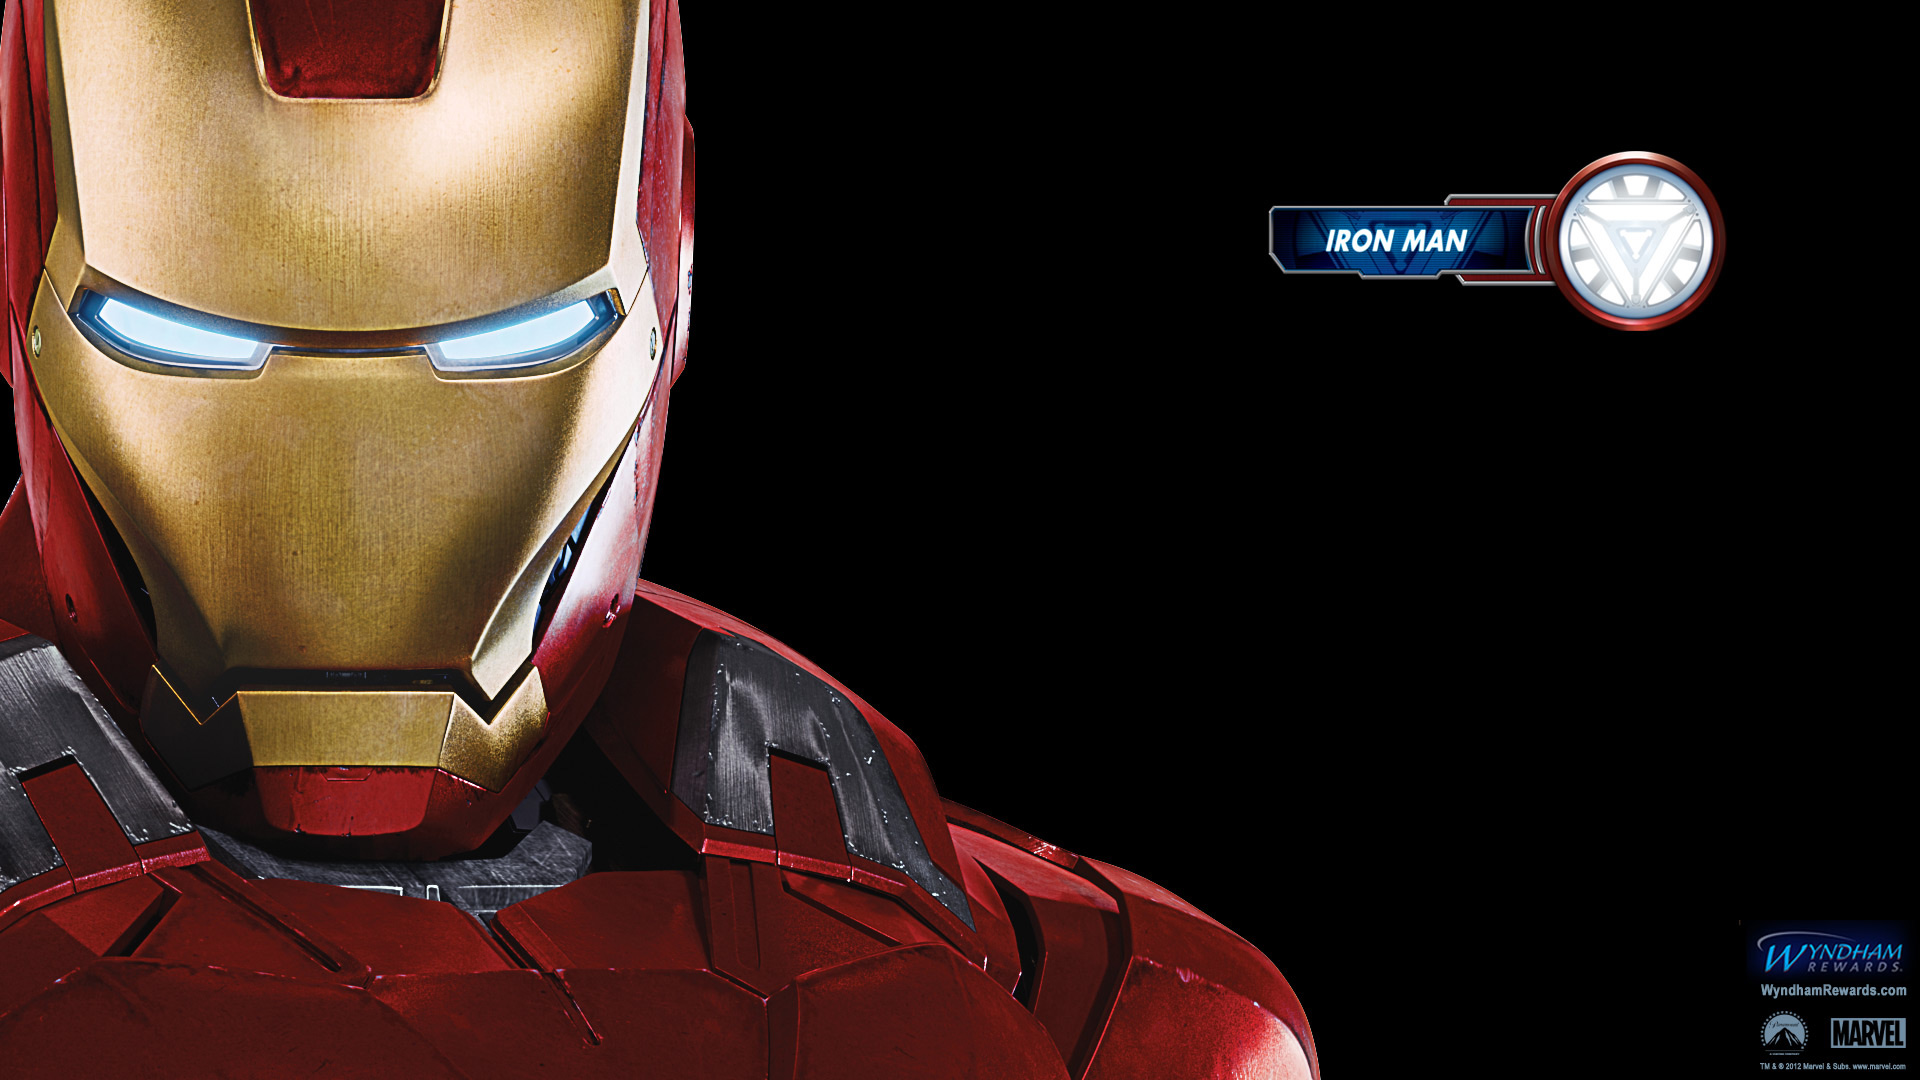 iron man avengers wallpaper wallpapers screensaver wallpaper 1920x1080